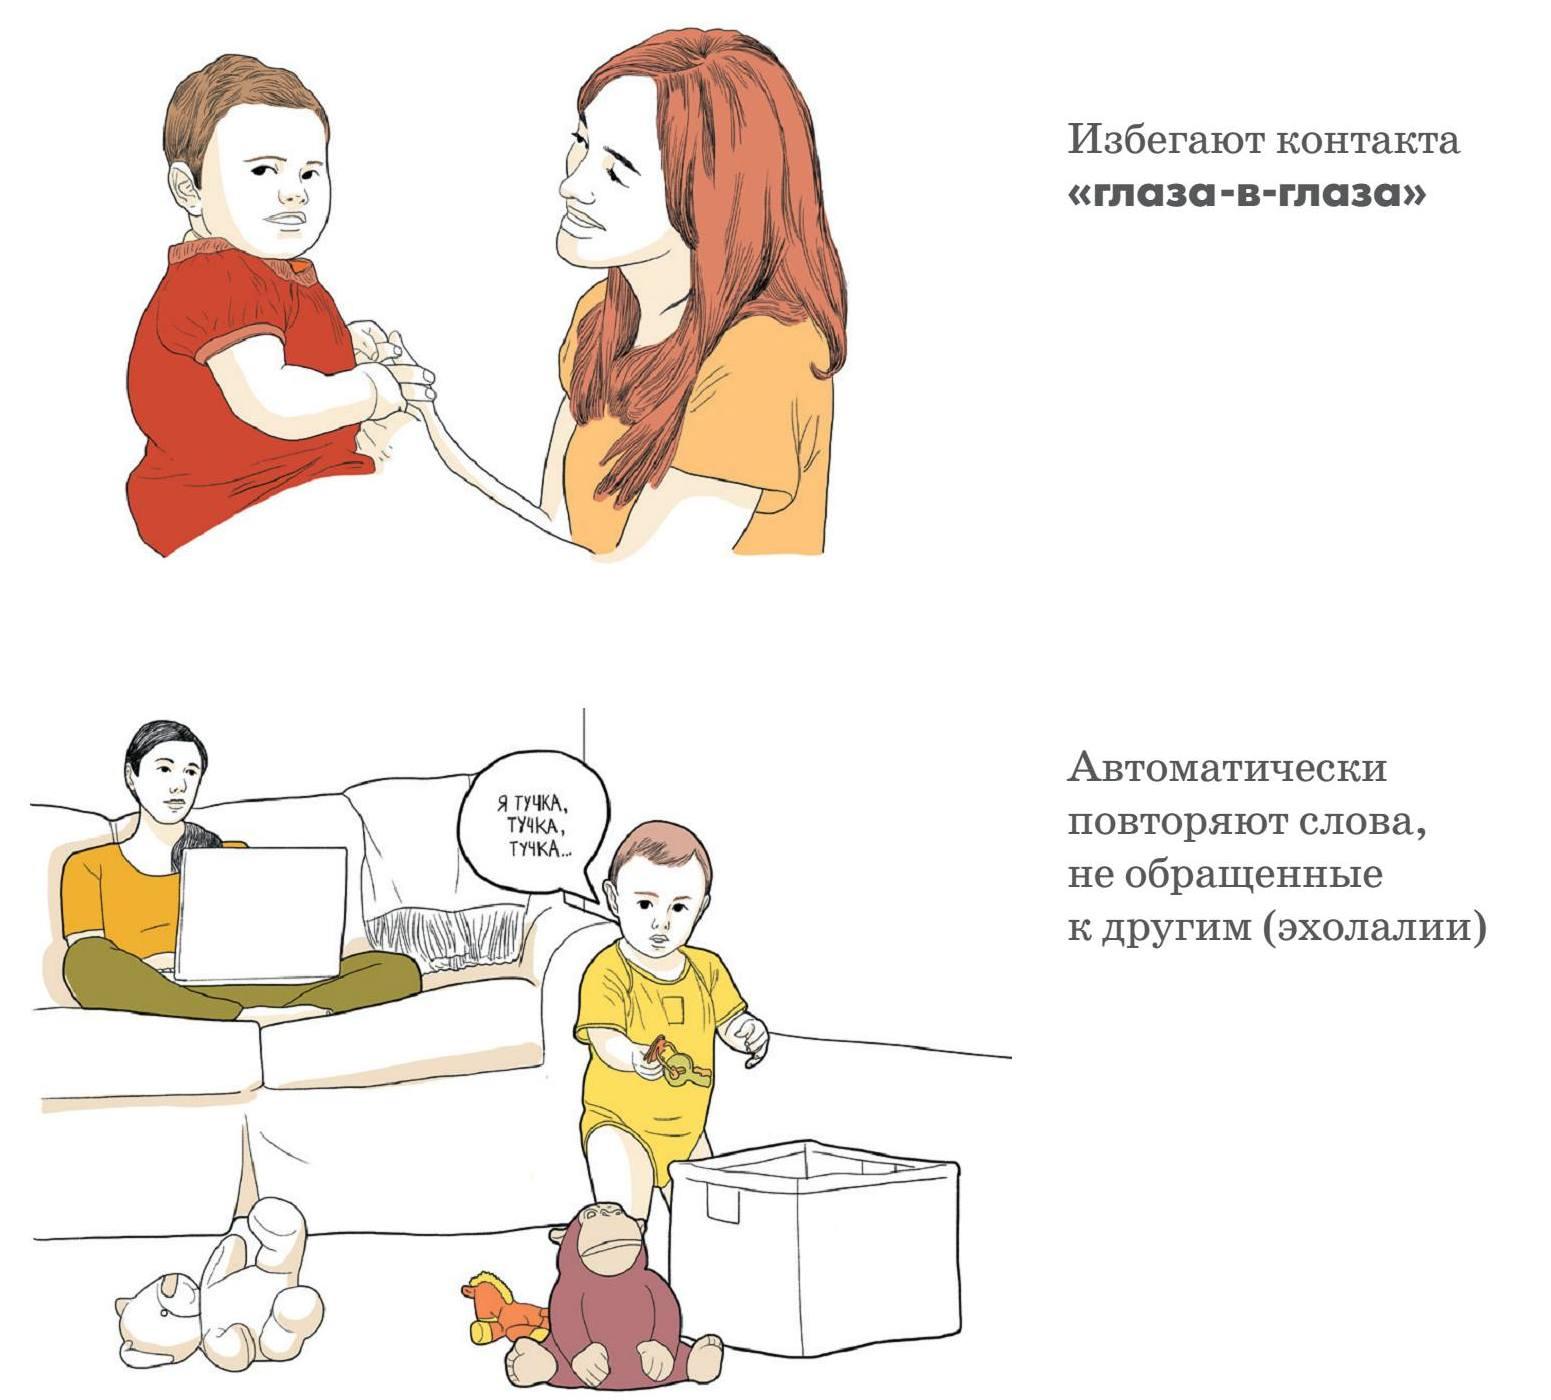 эхолалии при аутизме